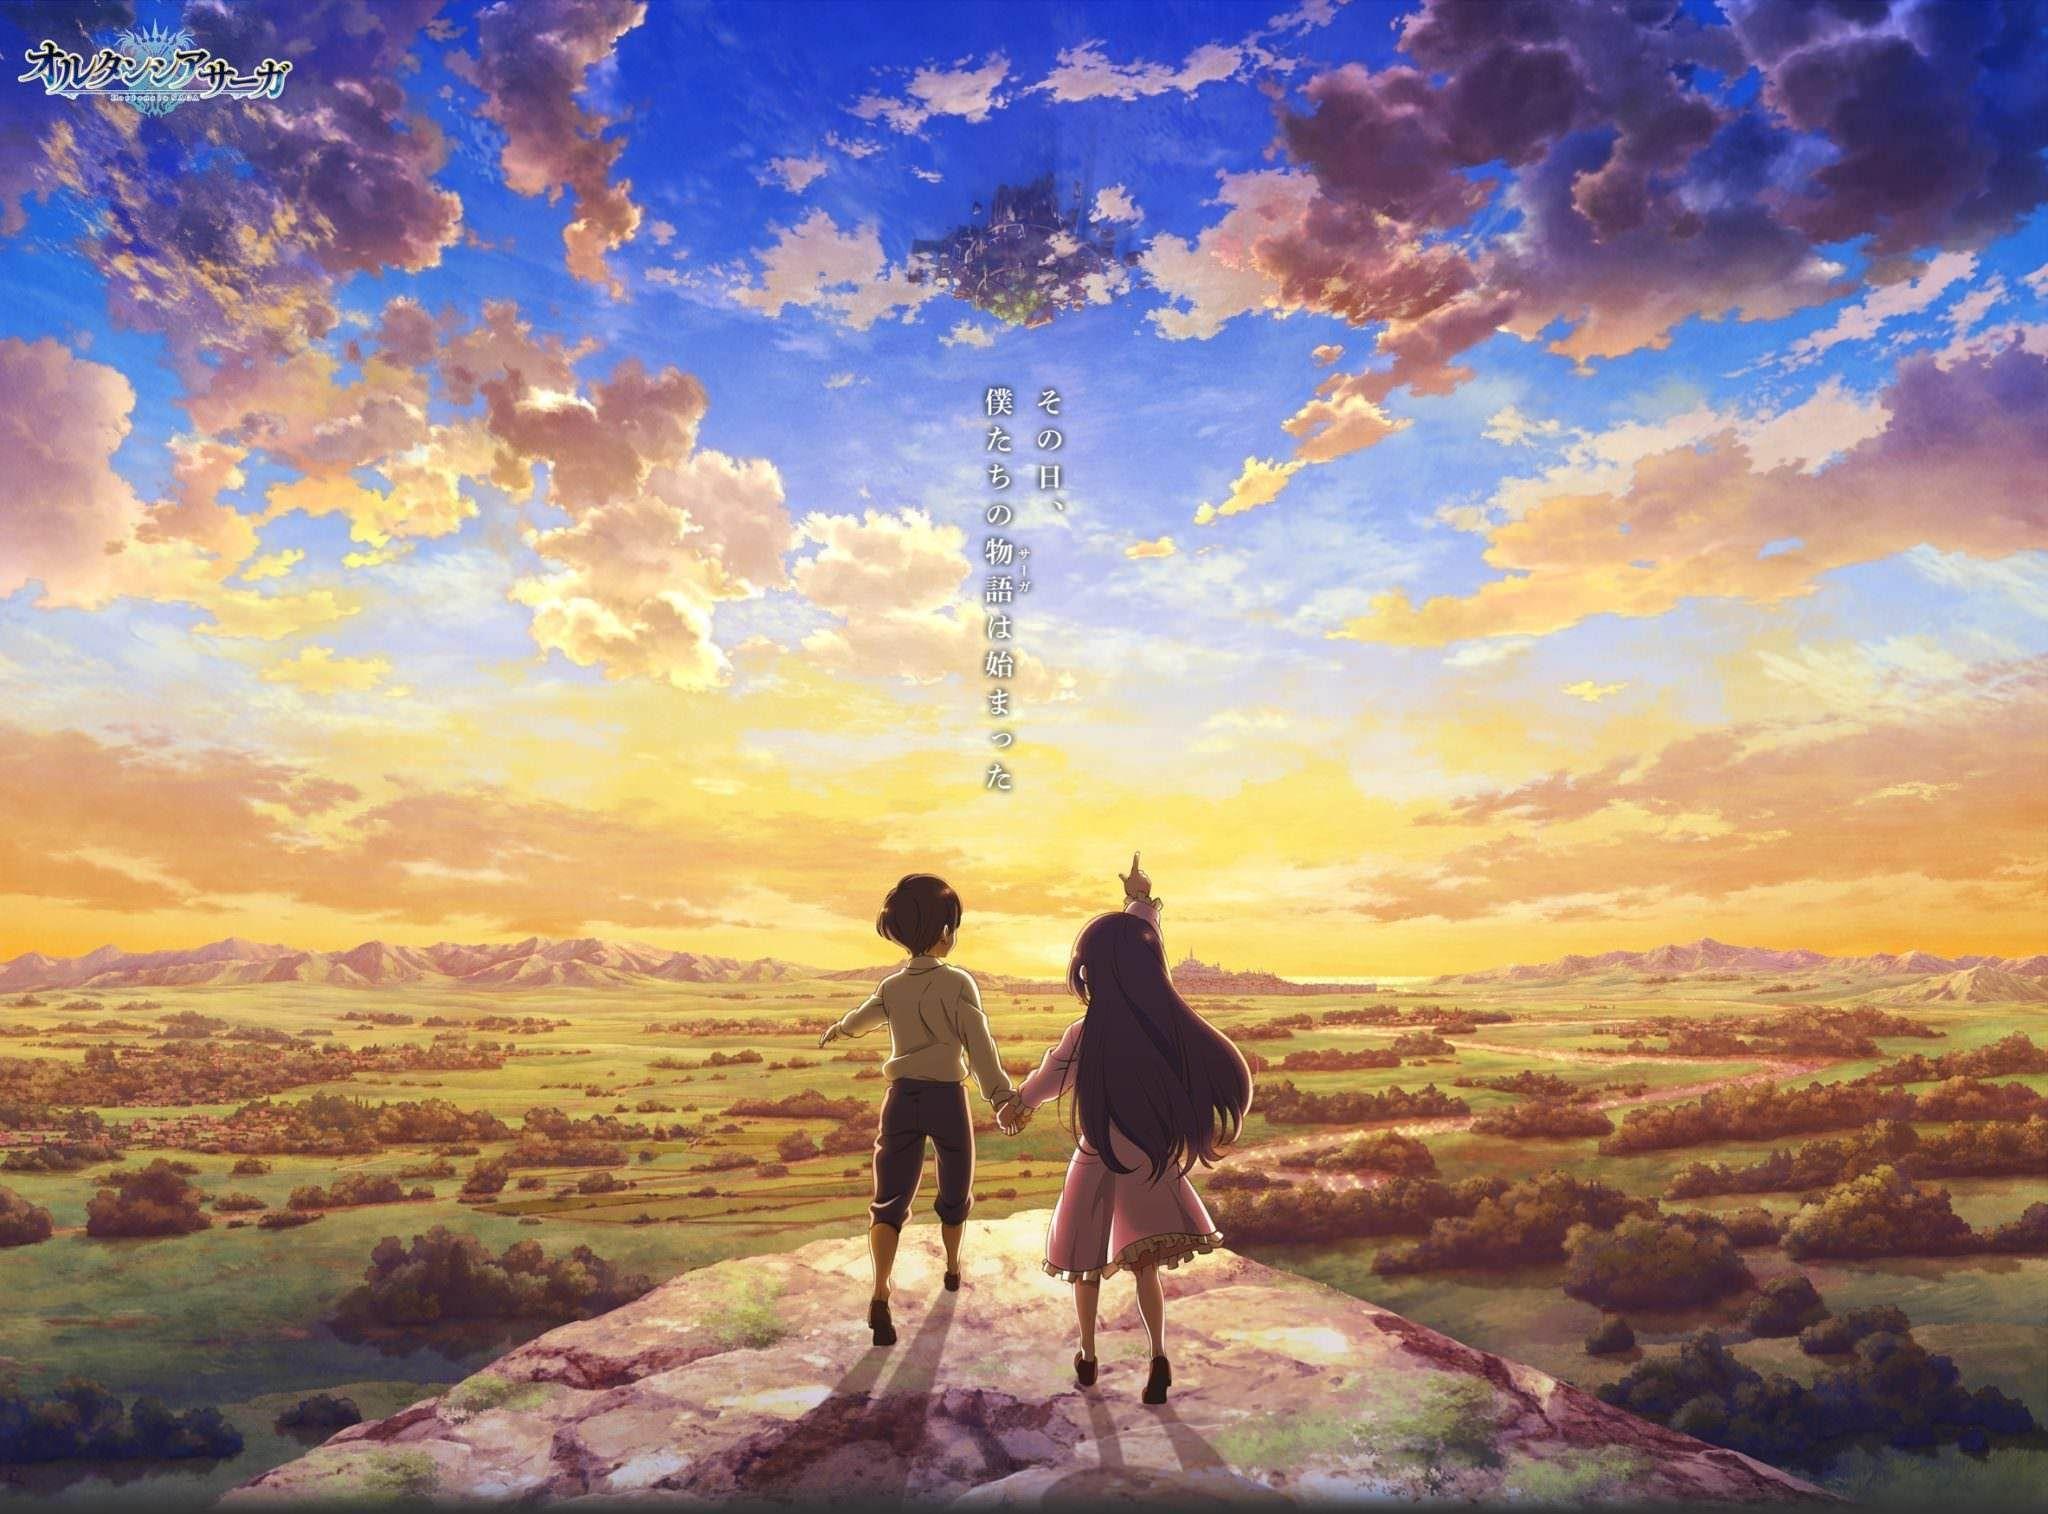 El juego para smartphones «Hortensia Saga» será adaptado al anime   Anime,  Saga, Rpg